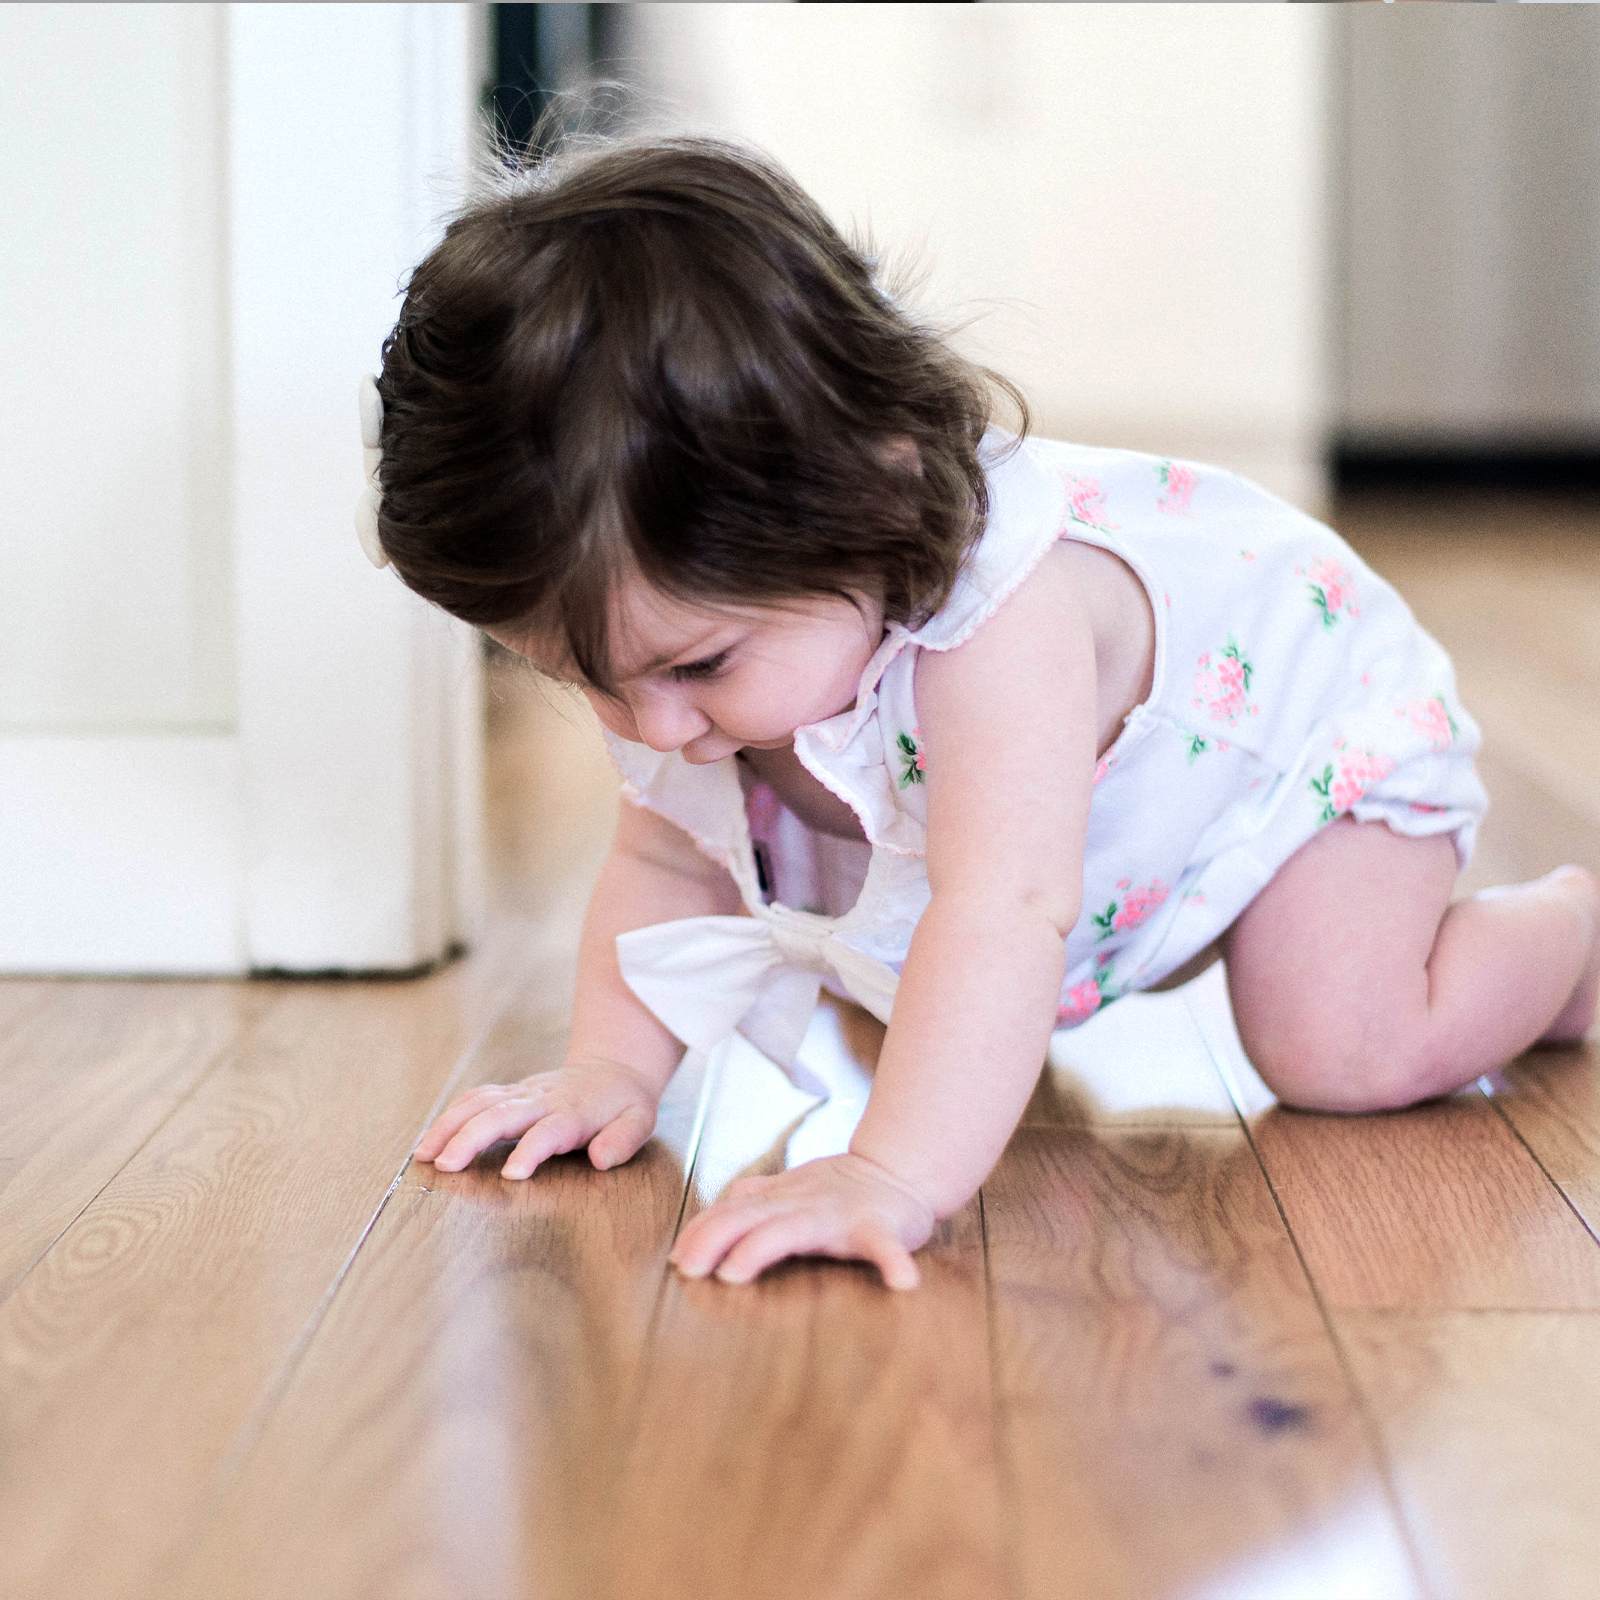 Lockdown mit Kleinkind: Gemeinsam die Welt der Küche entdecken - Lockdown mit Kleinkind: Gemeinsam die Welt der Küche entdecken